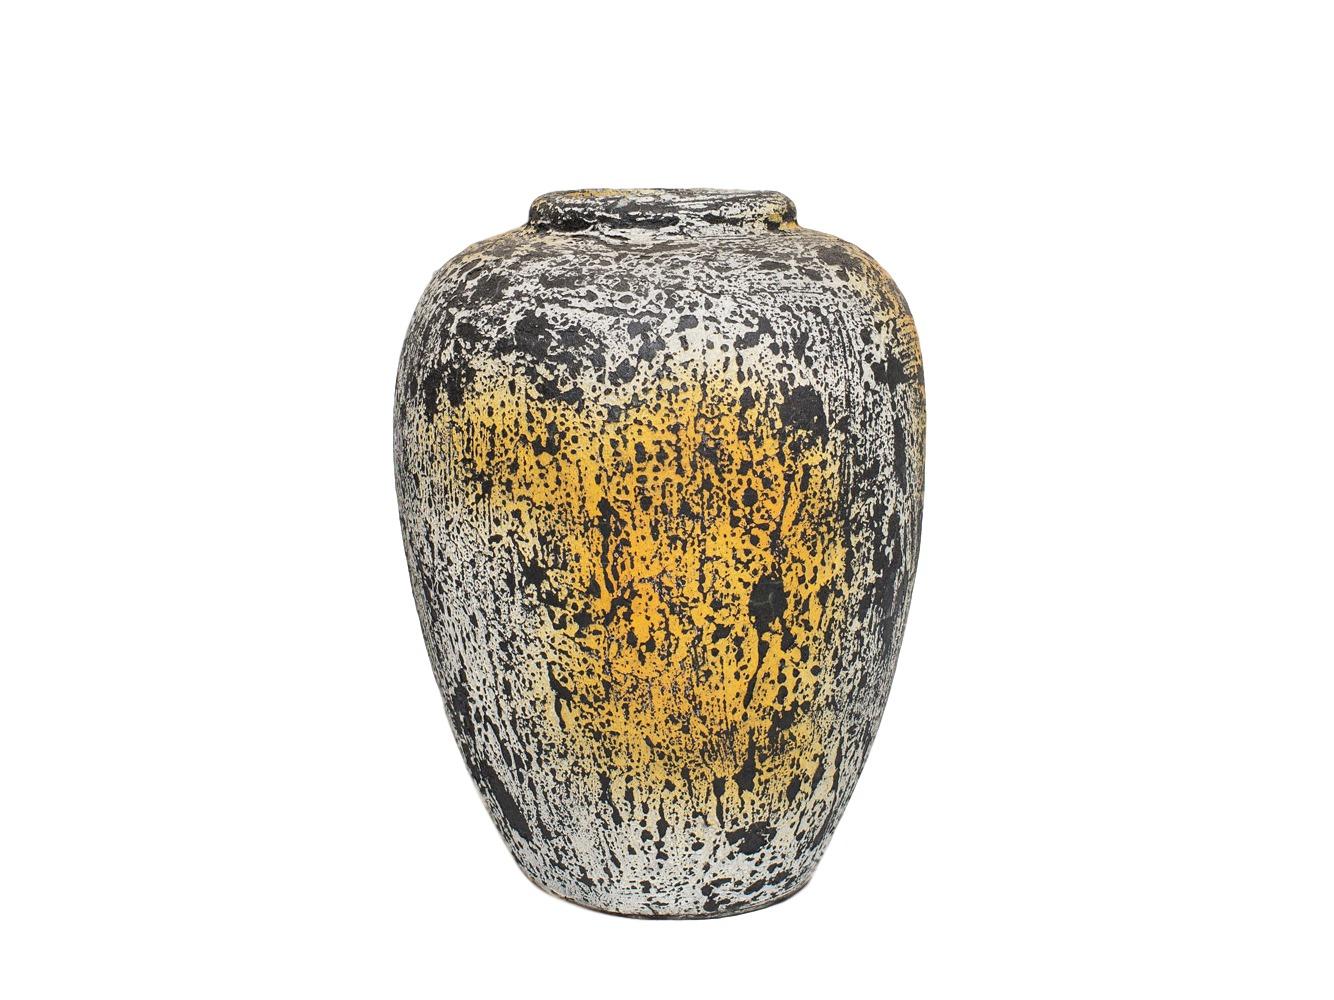 ВазаВазы<br>Декоративная ваза из глины Getong -  свой вид приобрела благодаря технологии изготовления. Сначала ей придали форму, потом покрасили, и только после этого обожгли. Эта ваза поможет создать неповторимую обстановку и освежить интерьер.&amp;amp;nbsp;<br><br>Material: Глина<br>Length см: None<br>Width см: 22<br>Depth см: 22<br>Height см: 35<br>Diameter см: None